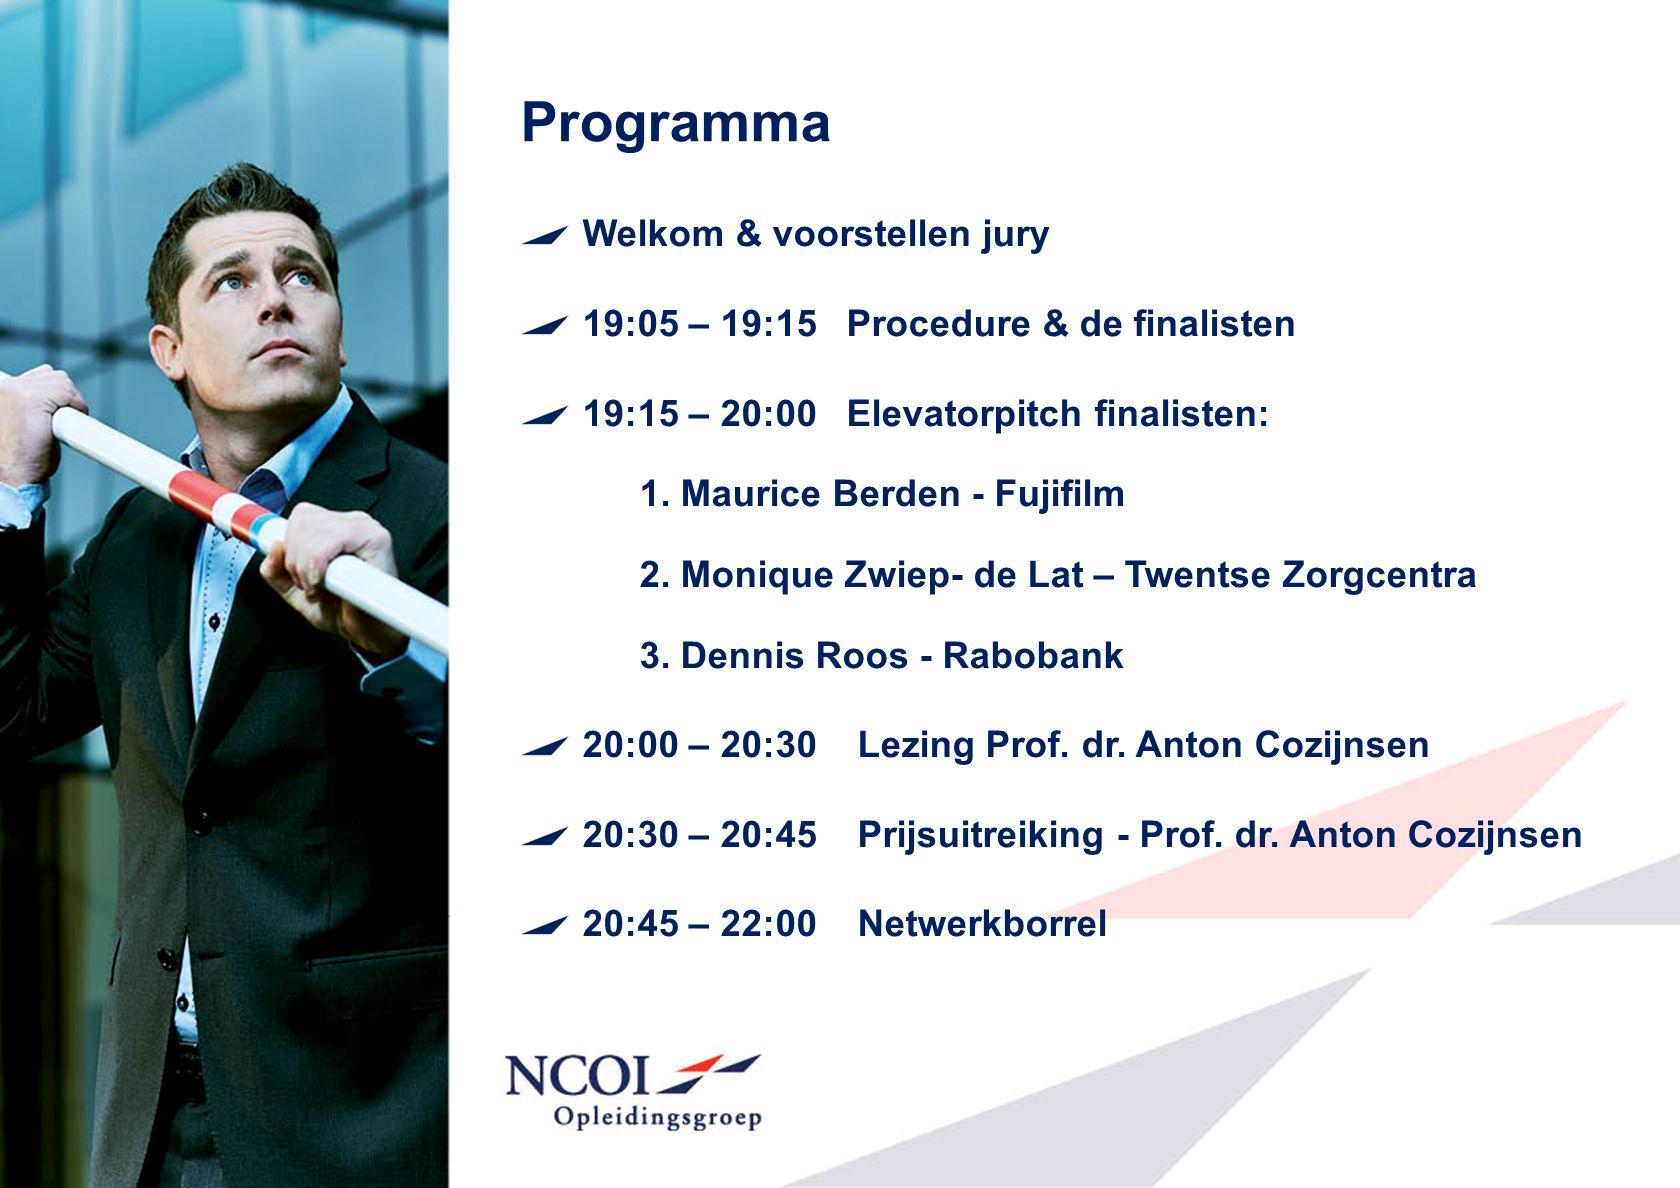 Programma Welkom & voorstellen jury